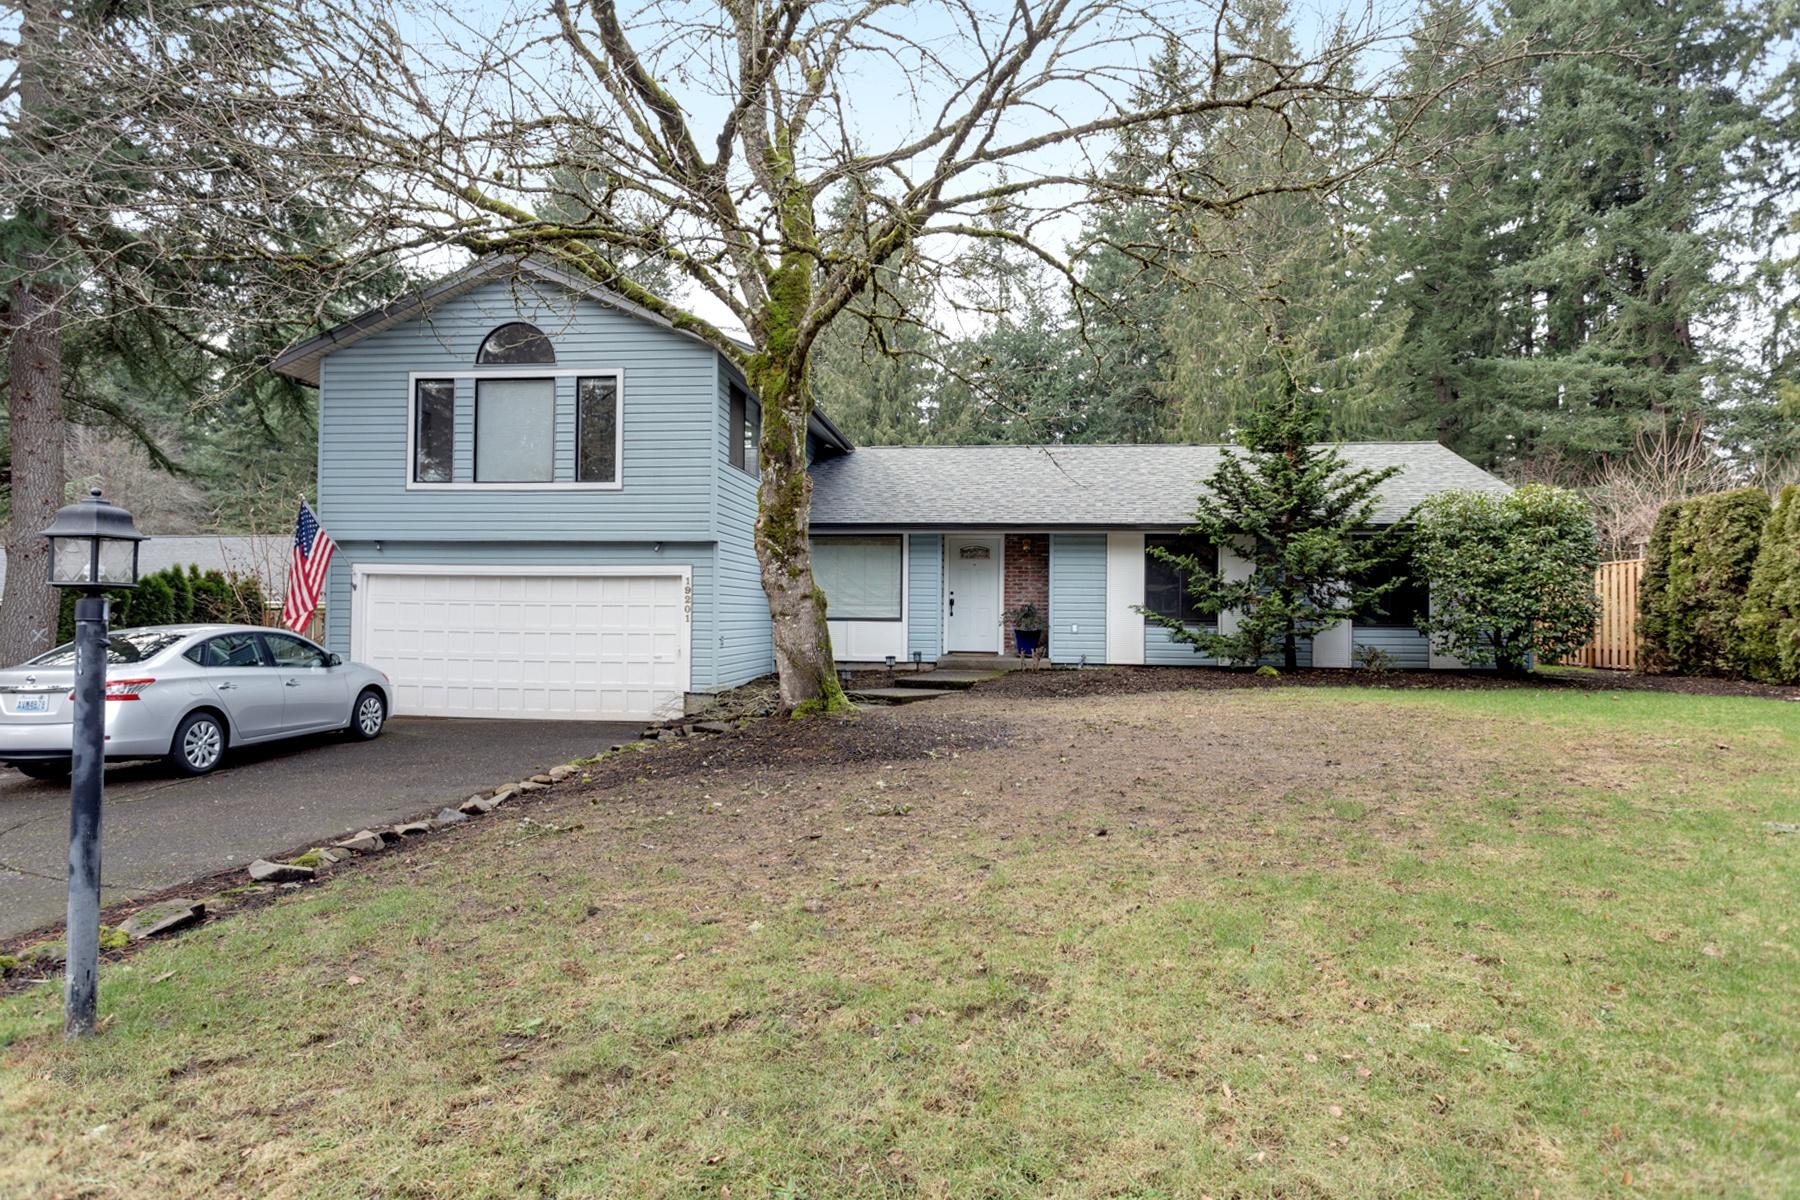 独户住宅 为 销售 在 19201 REDWING CT, LAKE OSWEGO 奥斯威尔湖, 俄勒冈州, 97035 美国